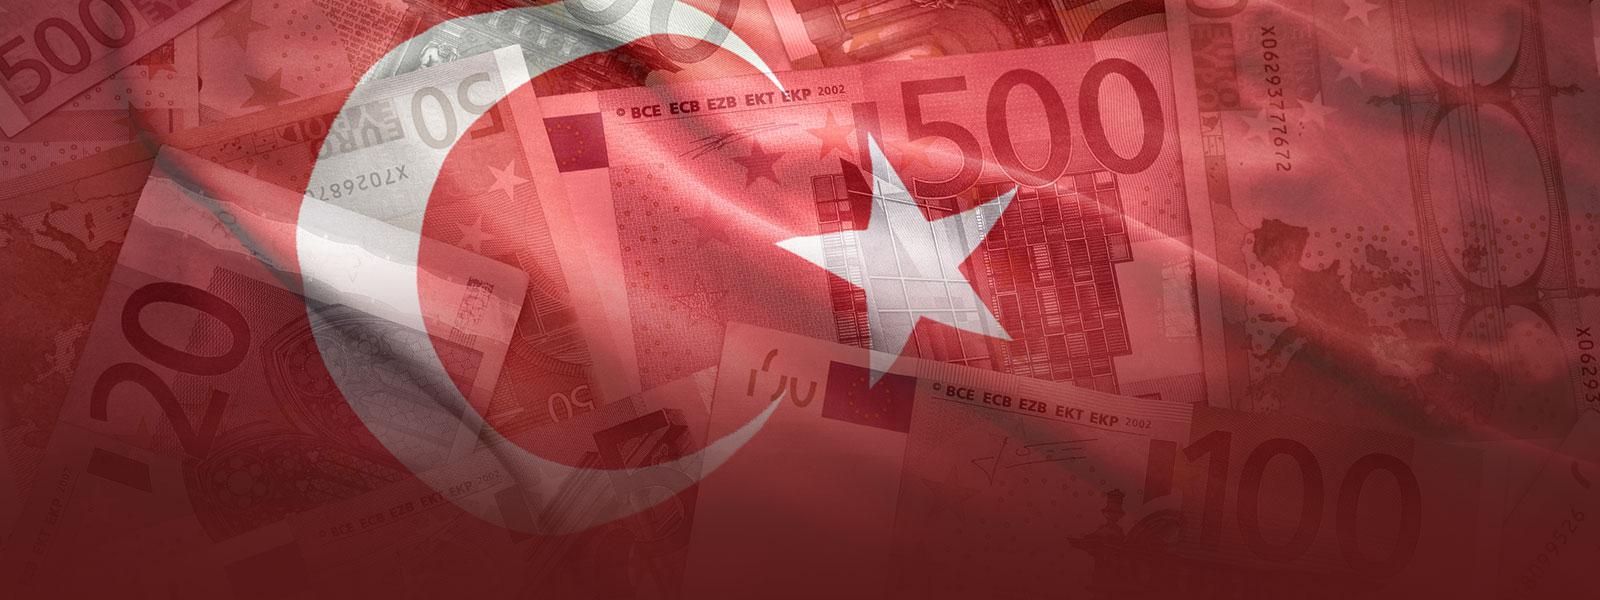 Налог на цифровые услуги в Турции – новые правила 2020